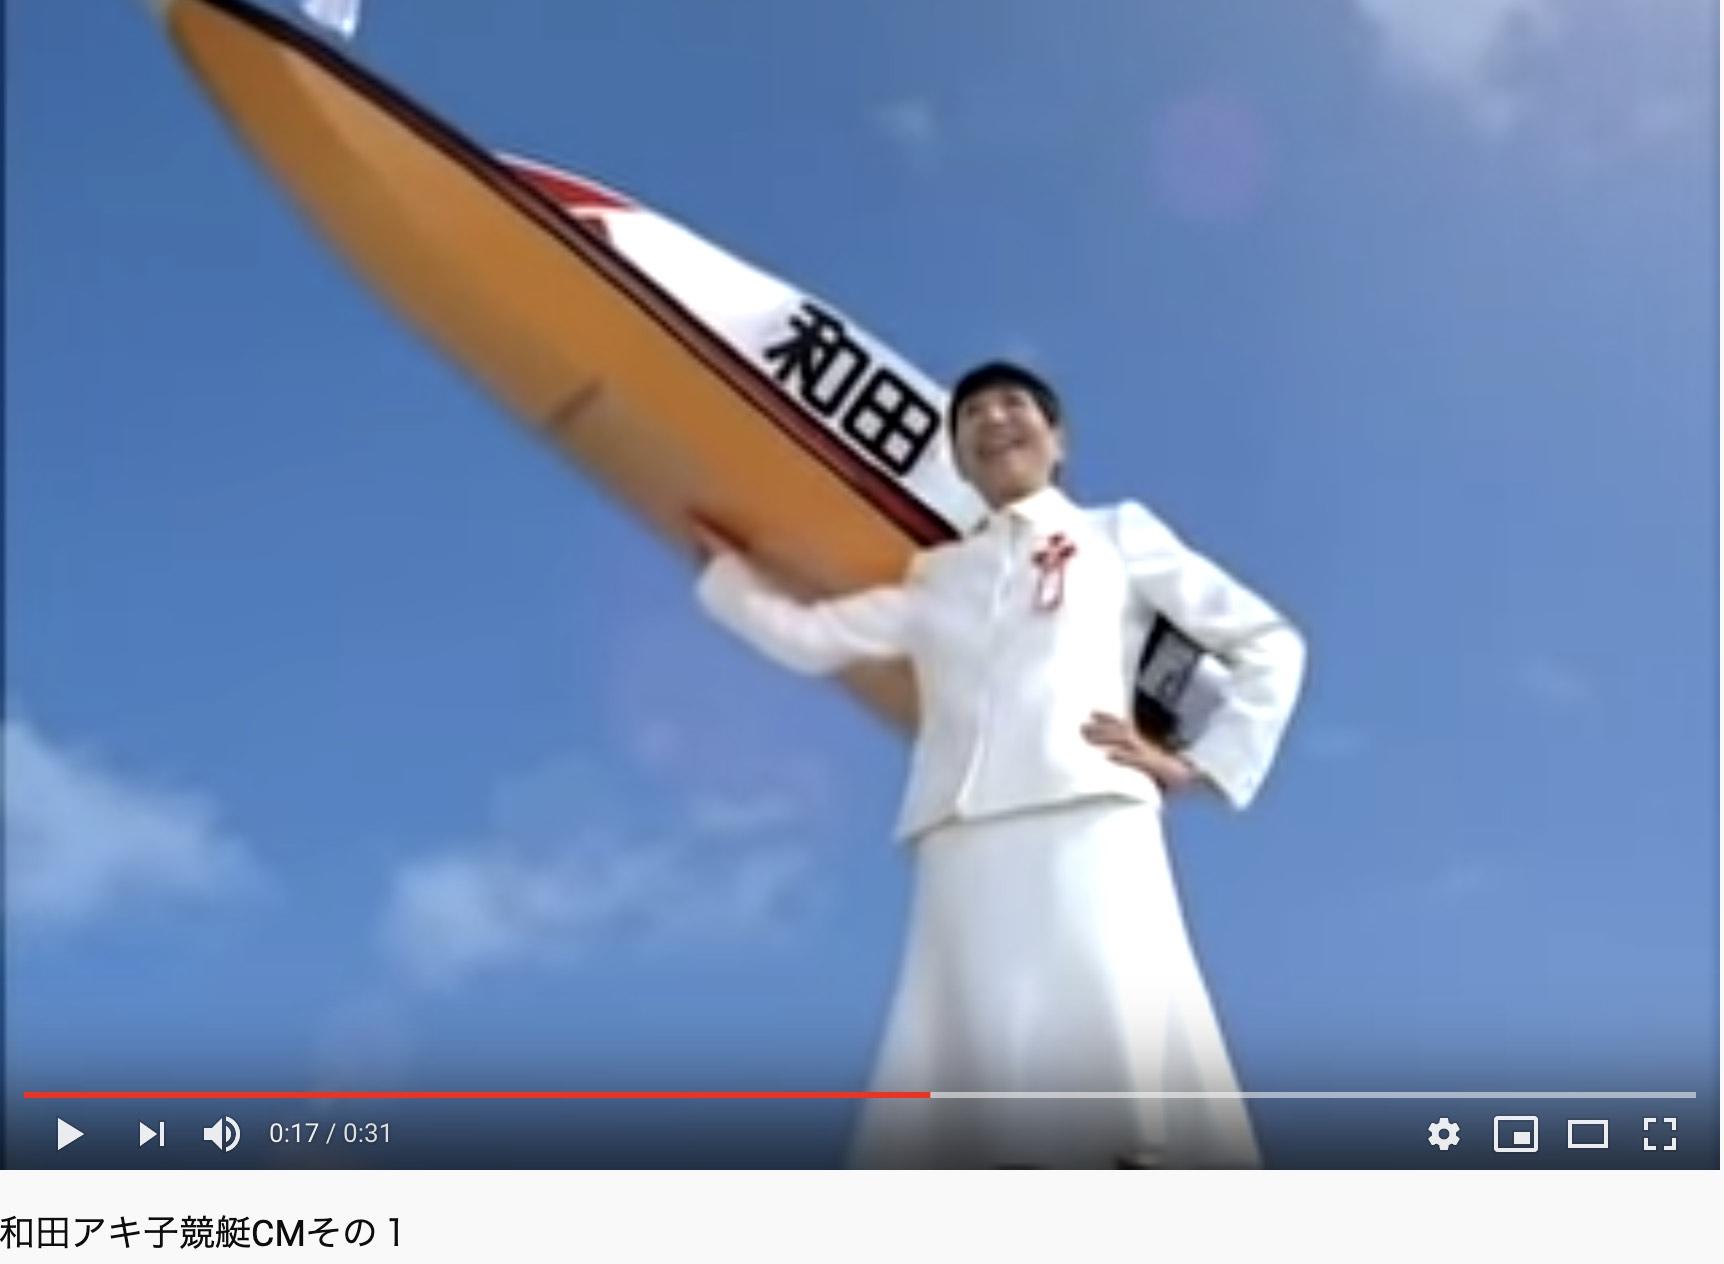 和田アキ子を起用してた競艇ボートレースのCM